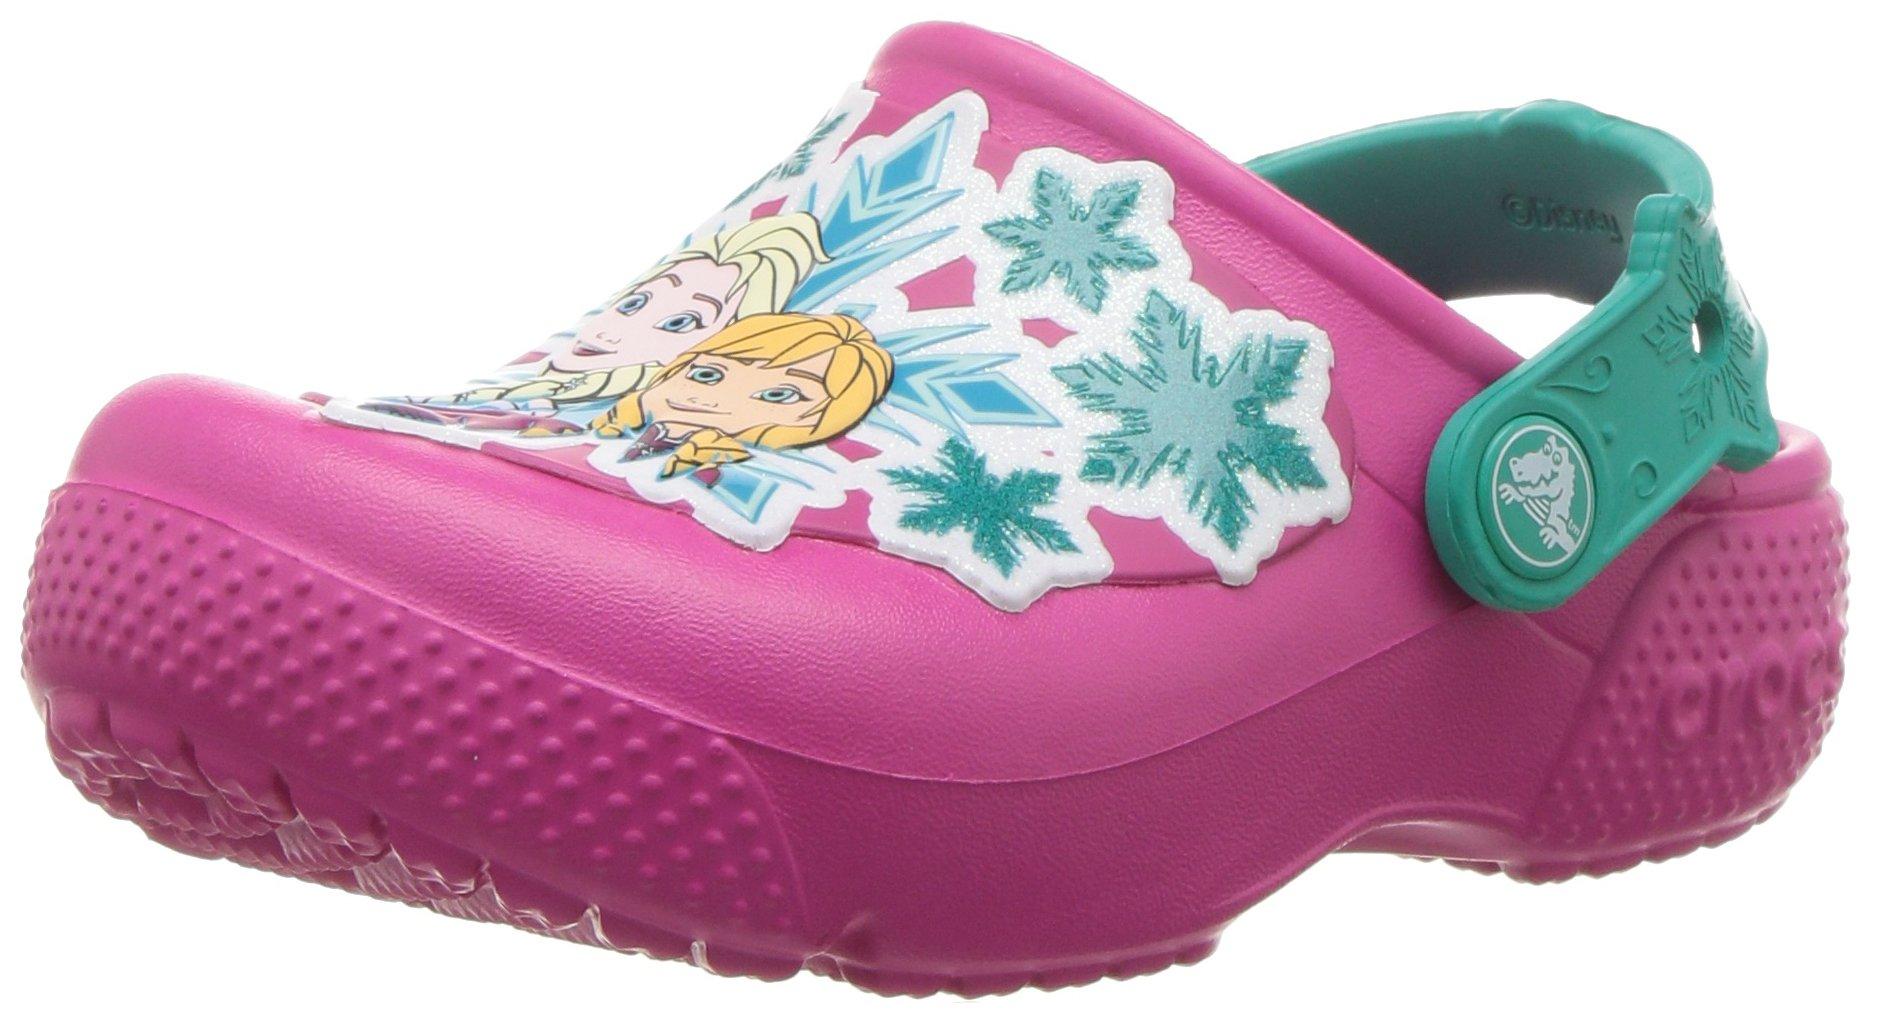 Crocs Girls' Fun Lab Frozen Clog K, Candy Pink, 7 M US Toddler by Crocs